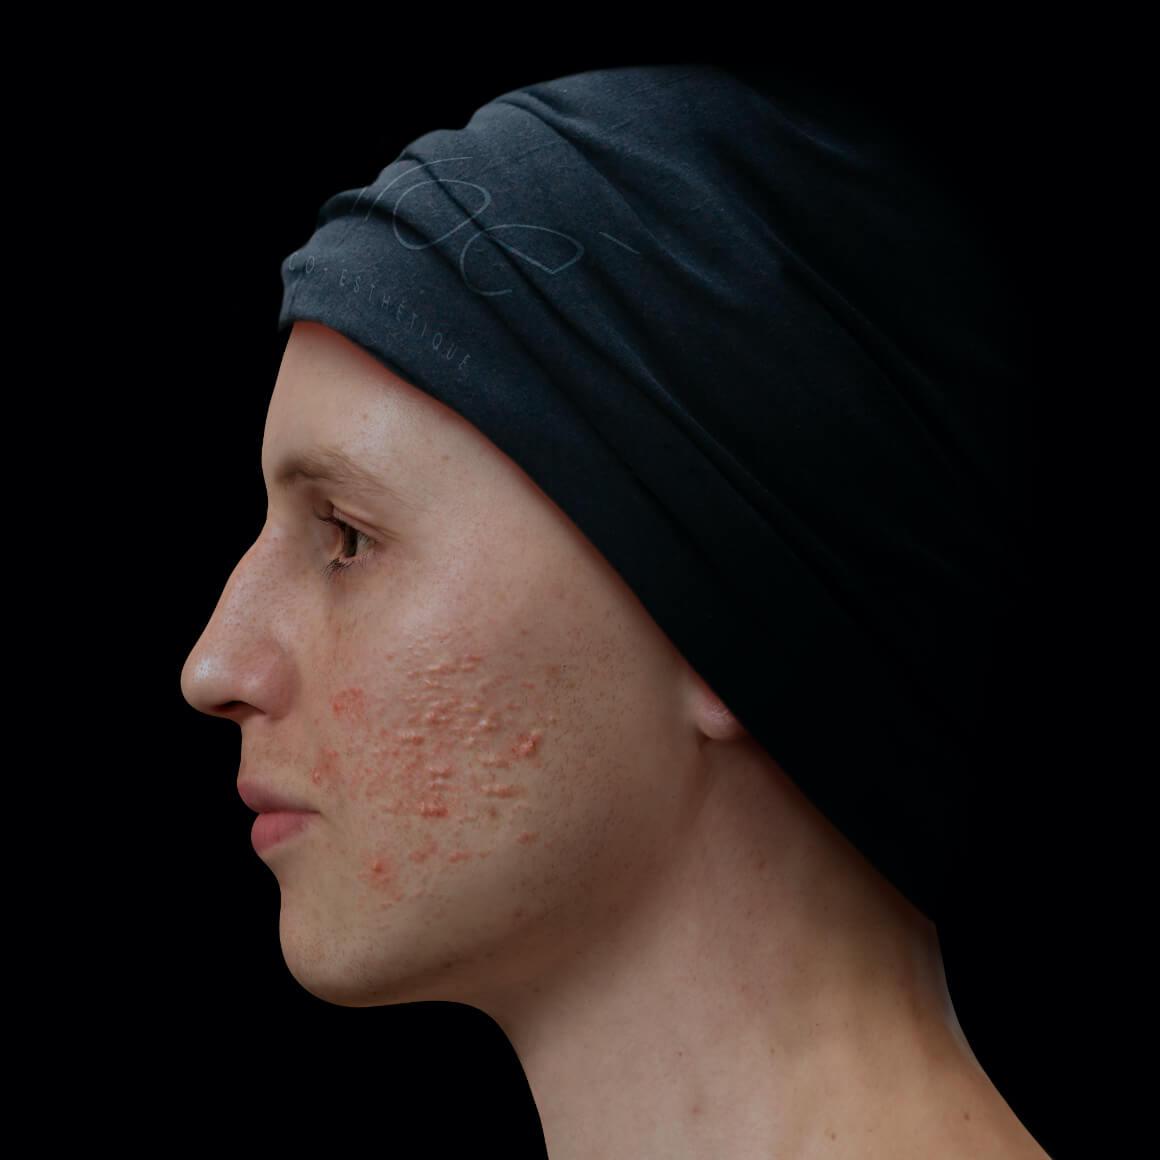 Patient de la Clinique Chloé positionné de côté ayant de l'acné active sur le visage